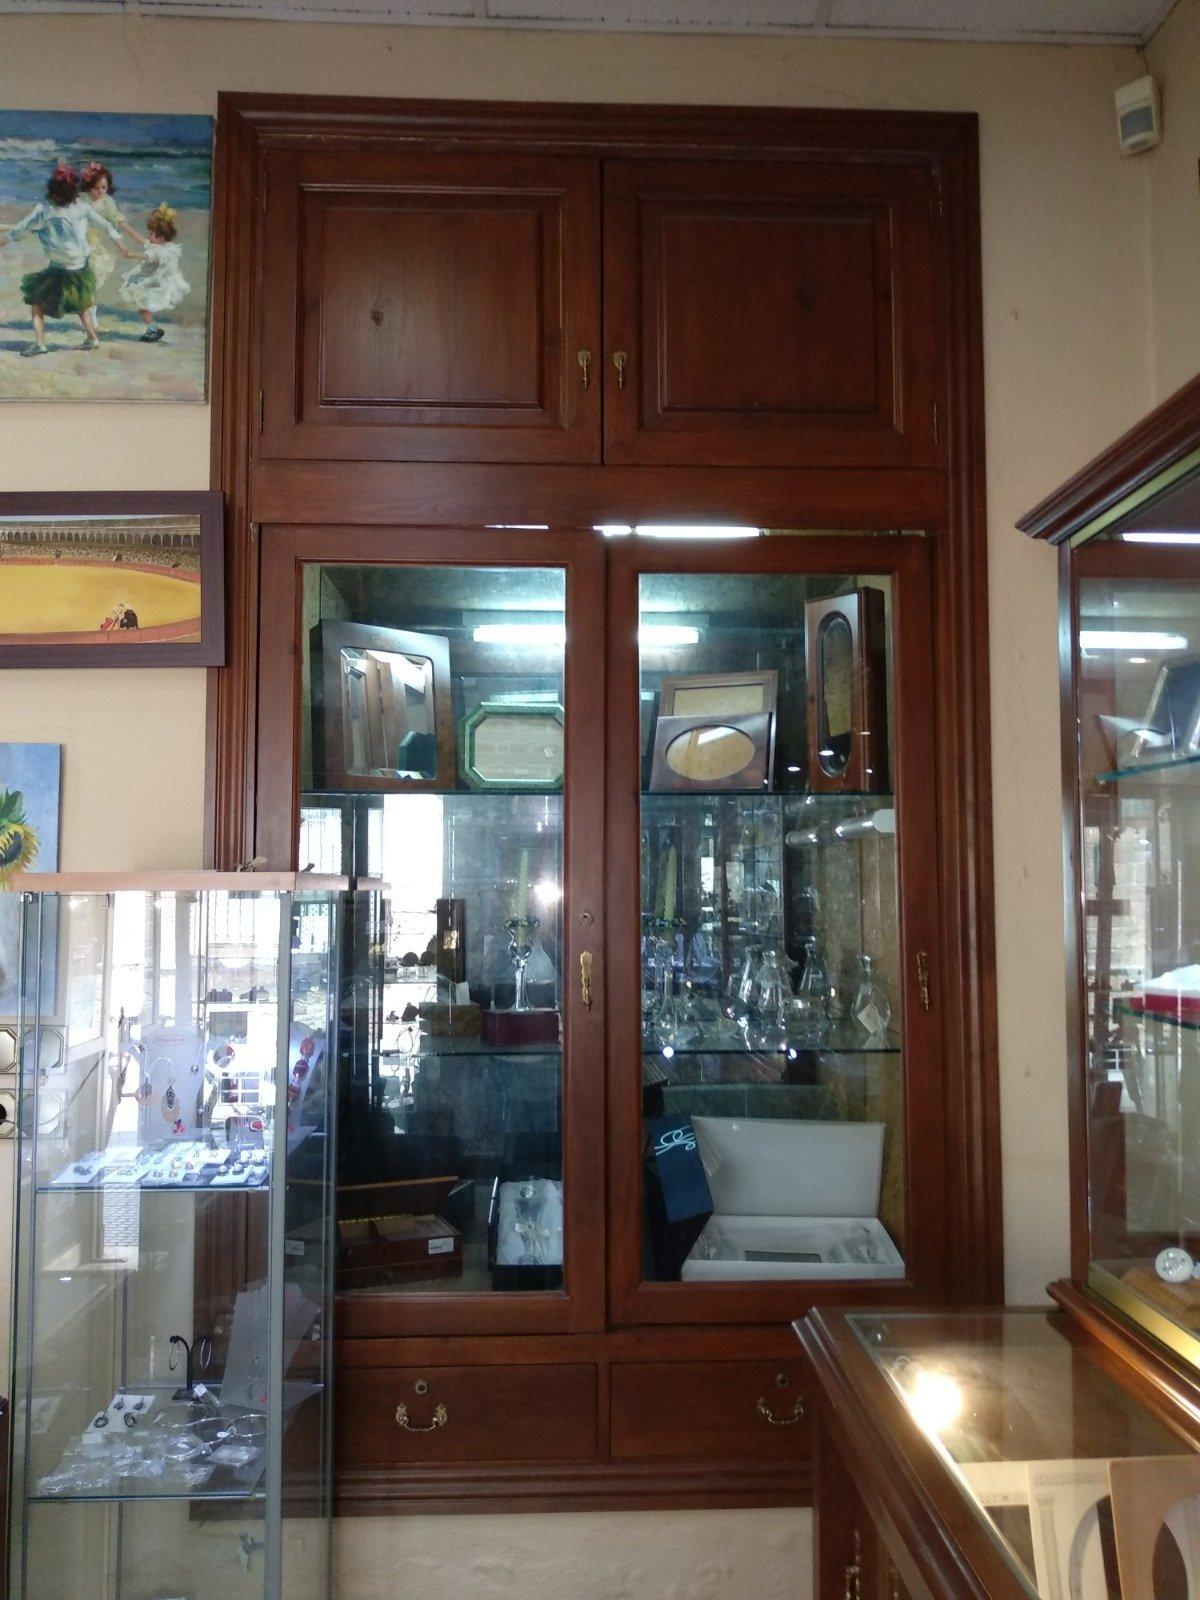 Local comercial en venta en El Puerto de Santa María